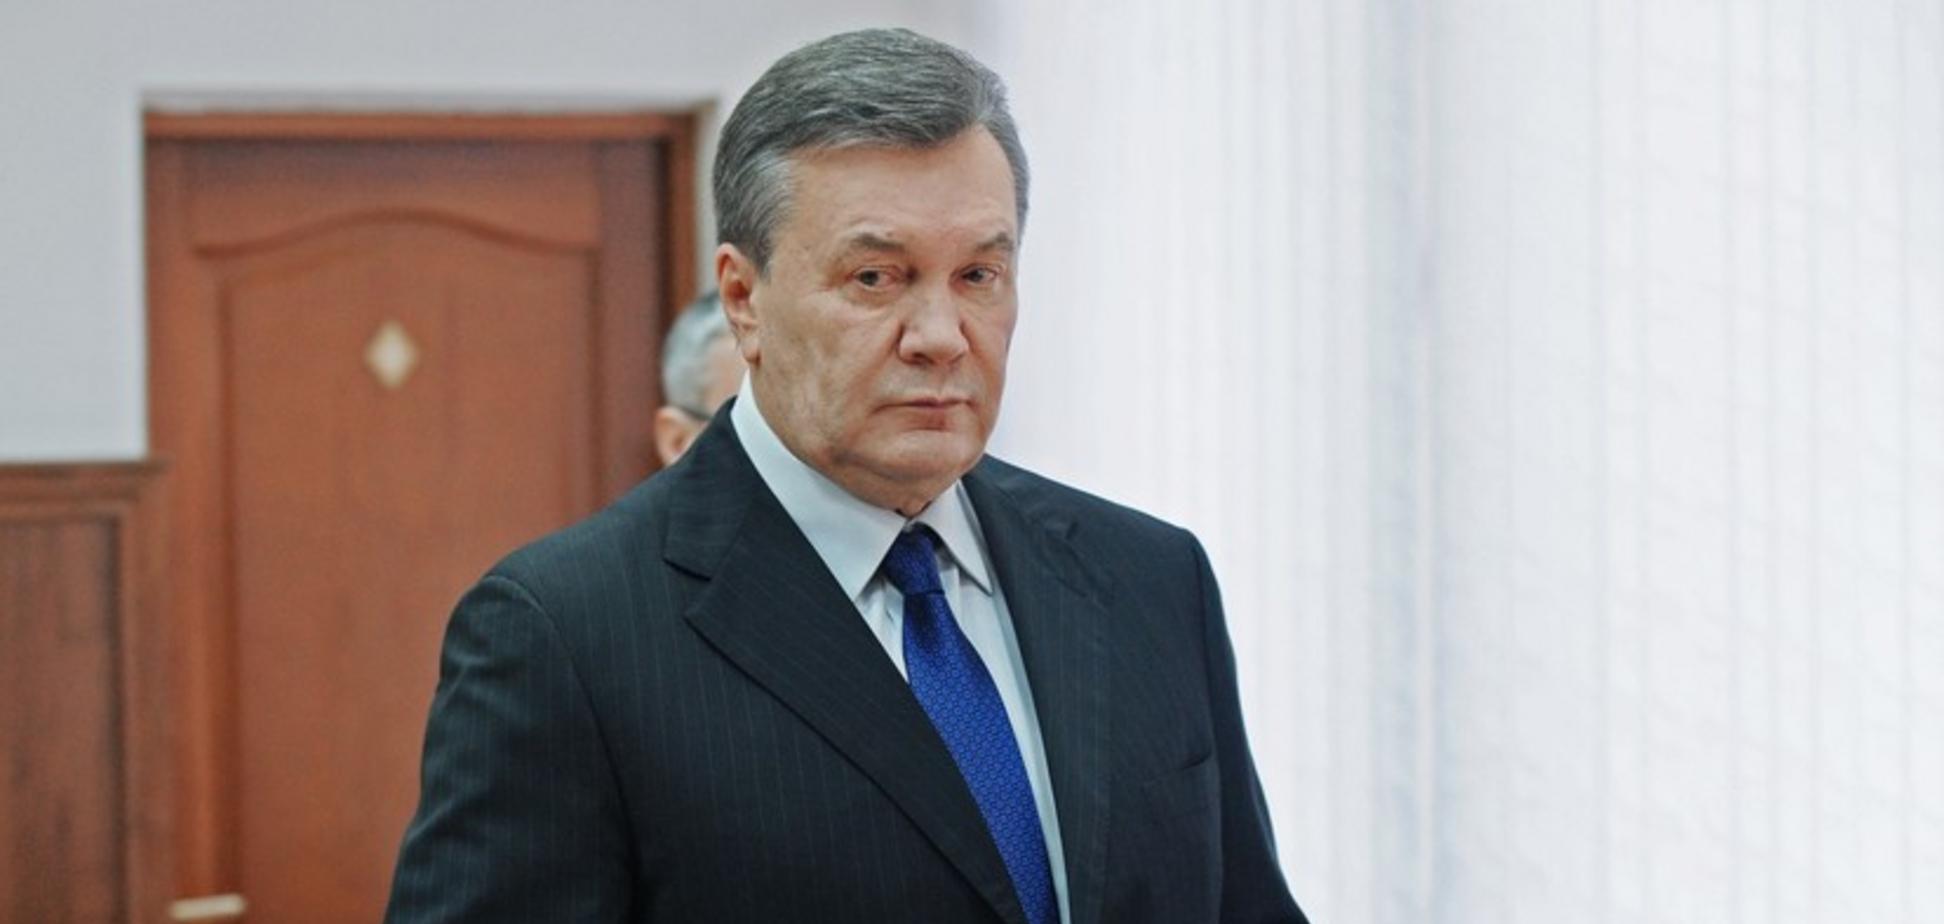 Приговор Януковичу имеет важнейшее историческое значение